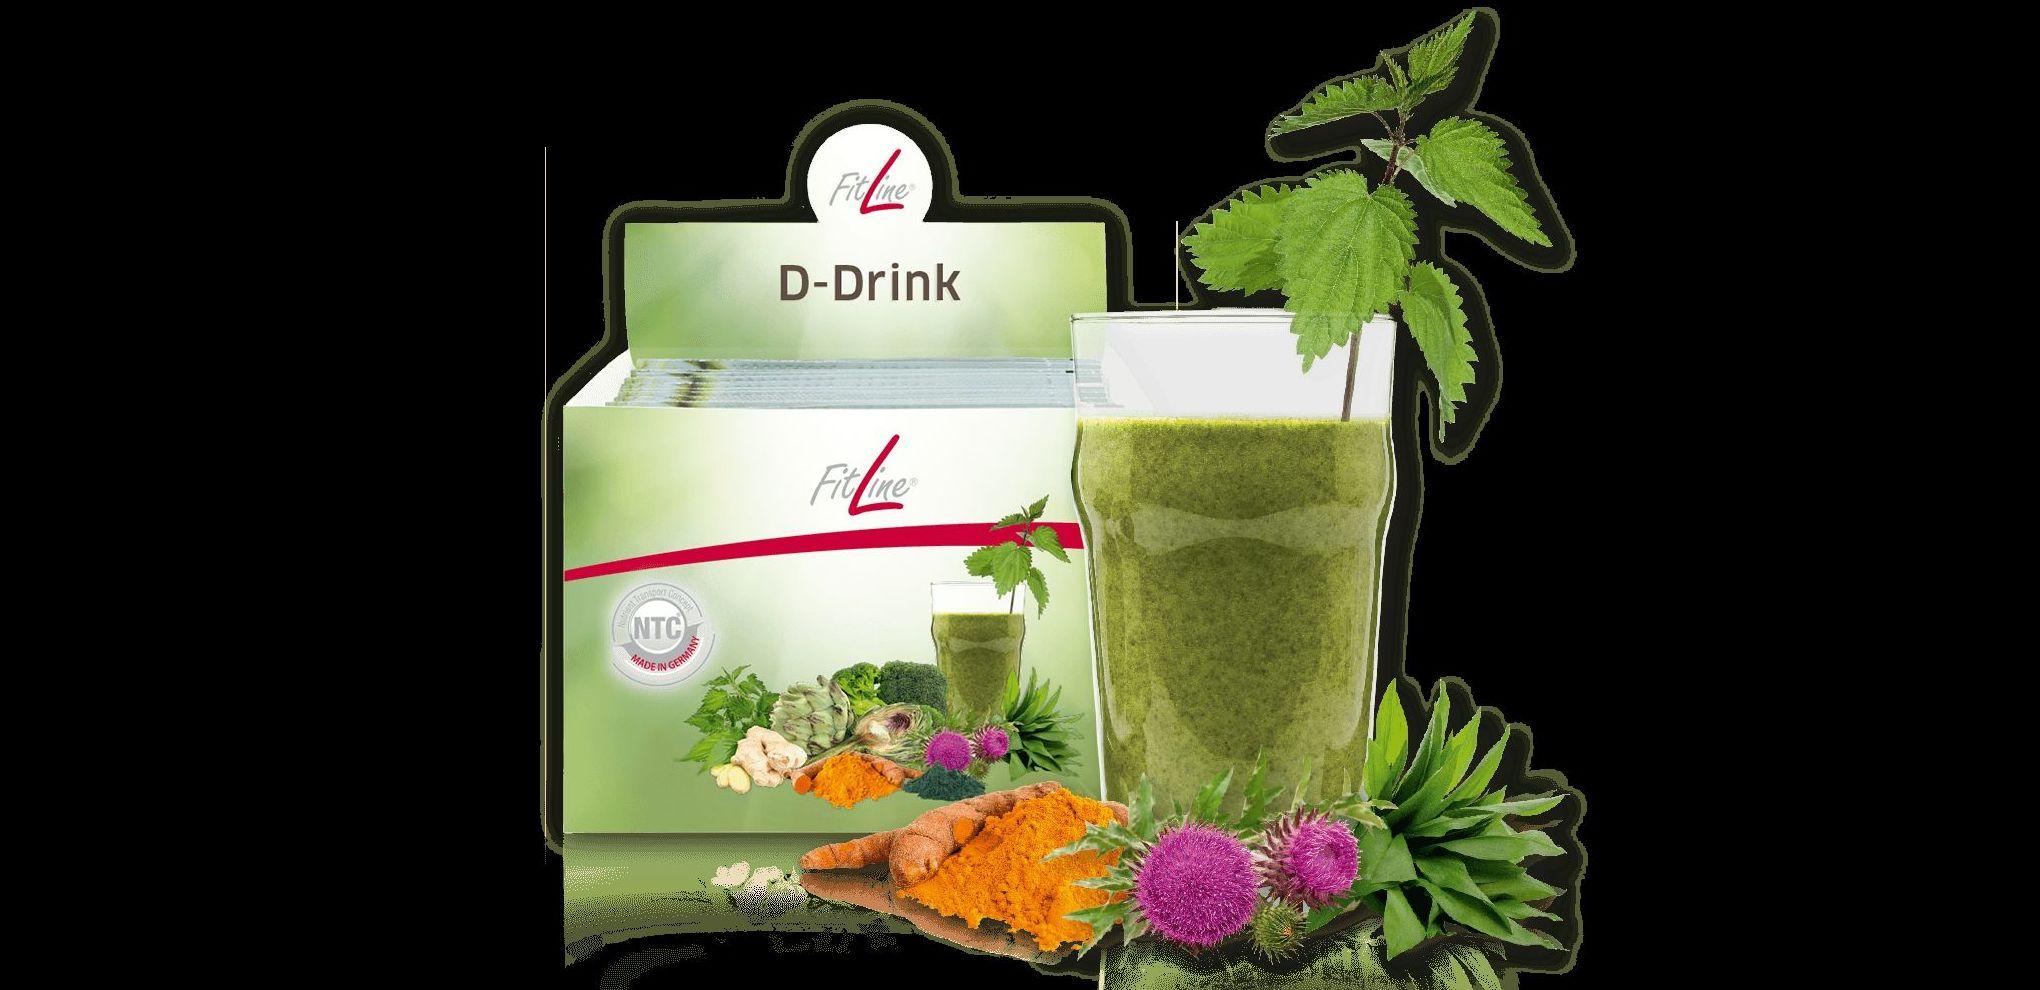 D-Drink Fitline Lleida